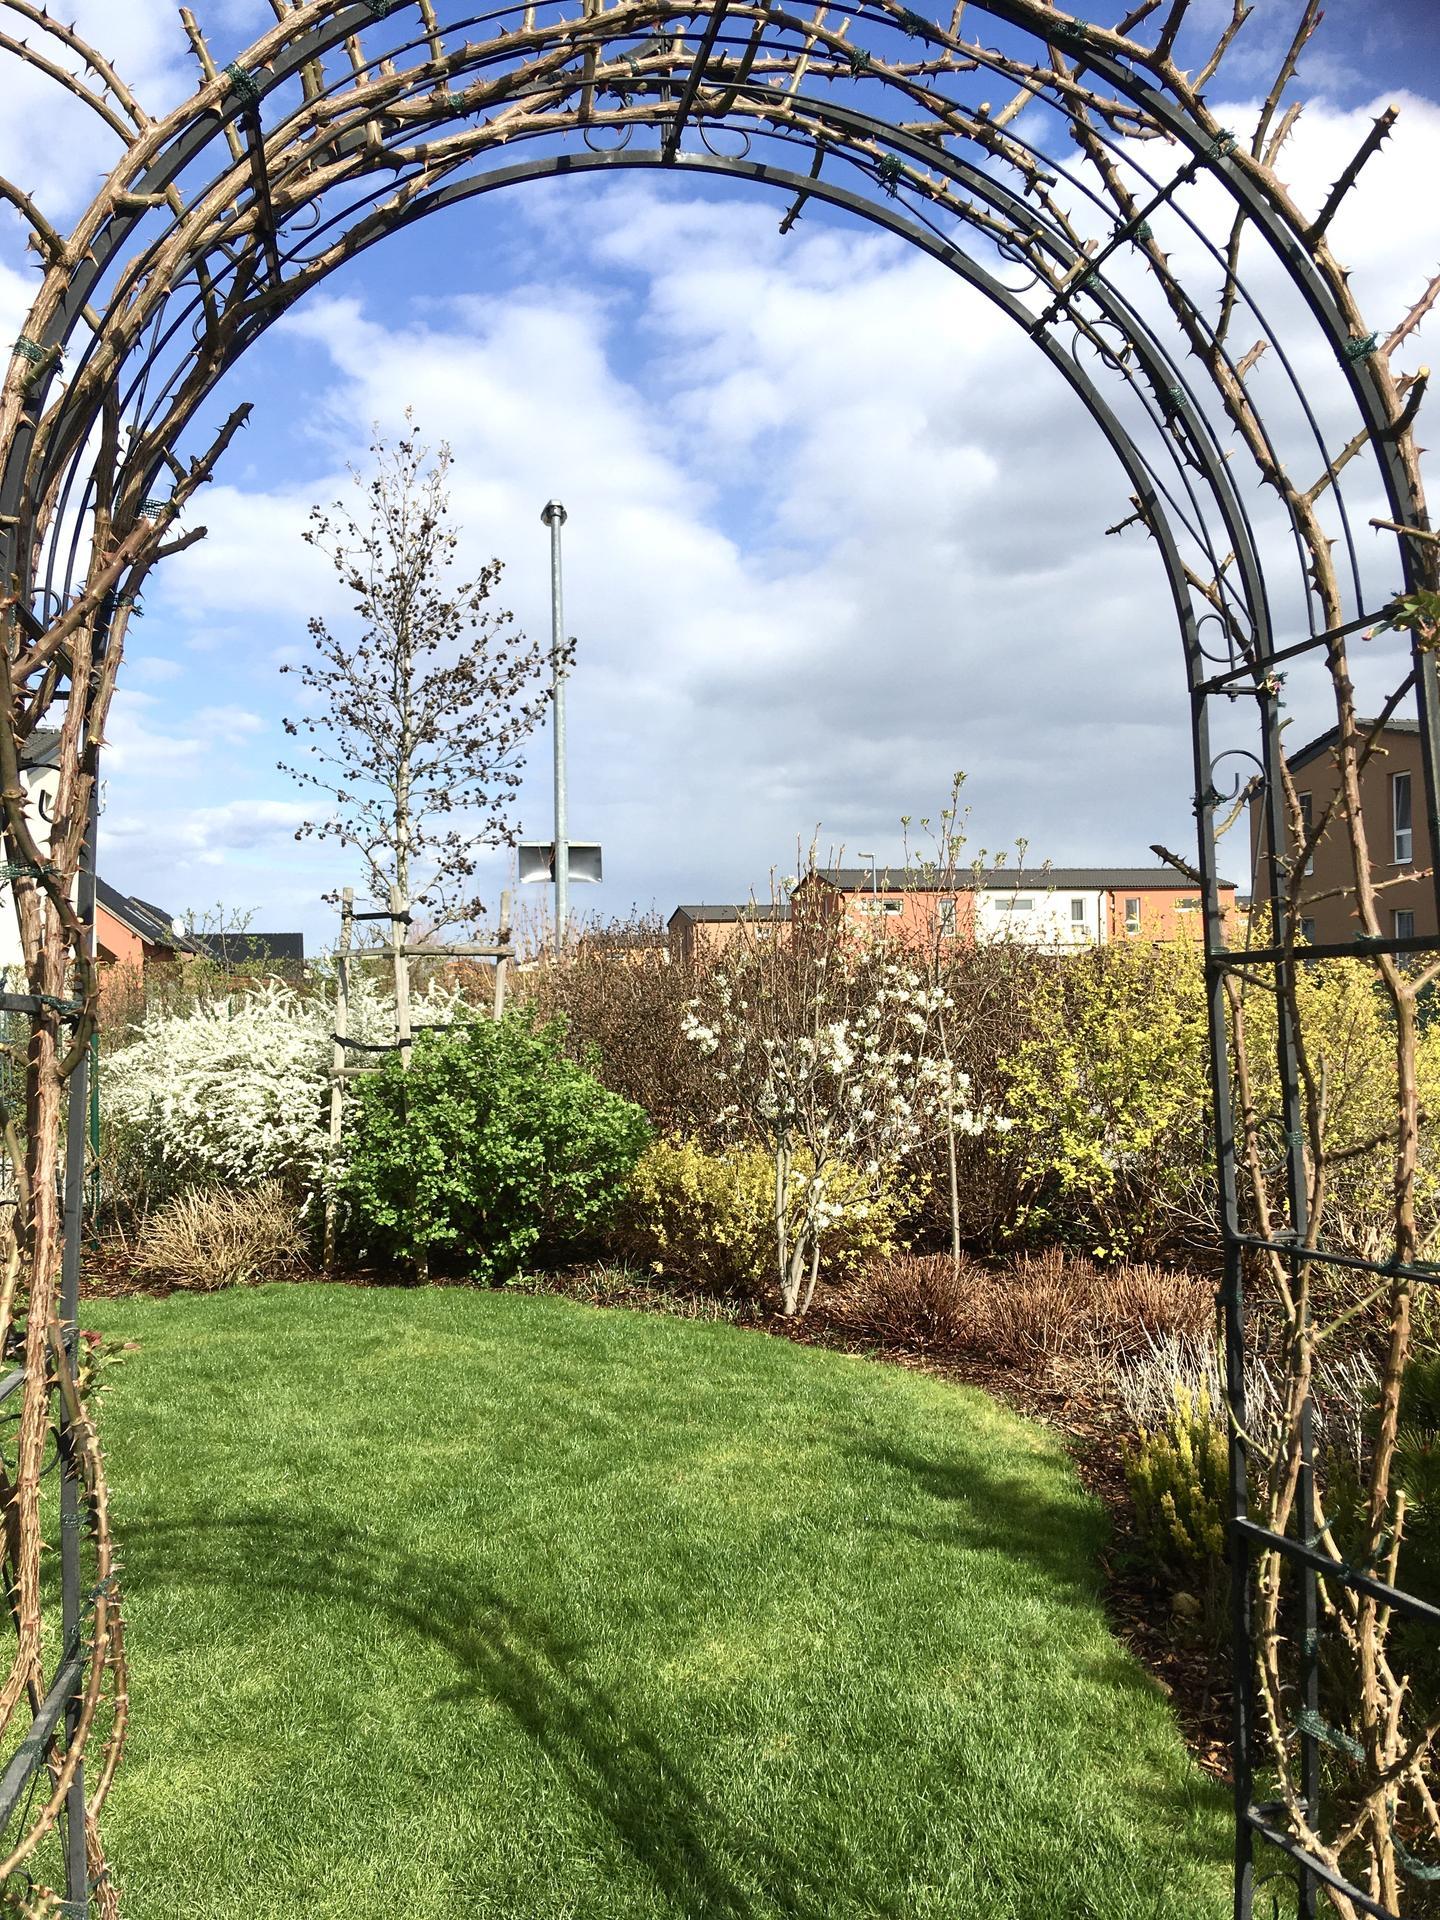 Zahrada 2020 - ruzova brana letos ostrihana skoro do hola... snad obrazi!  🤔